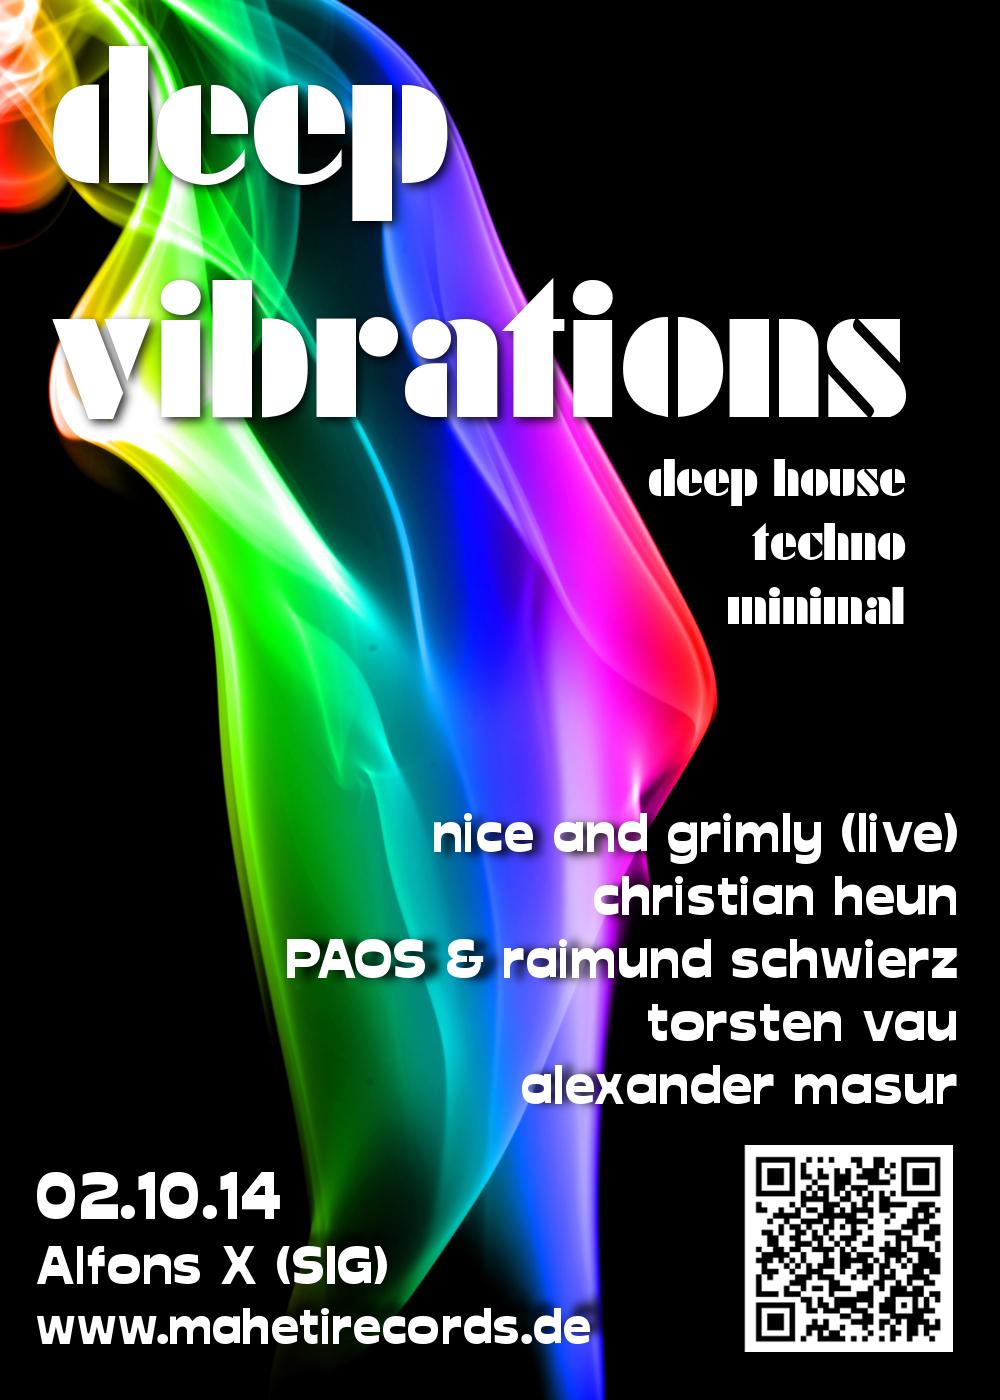 Deep Vibrations 02.10.14